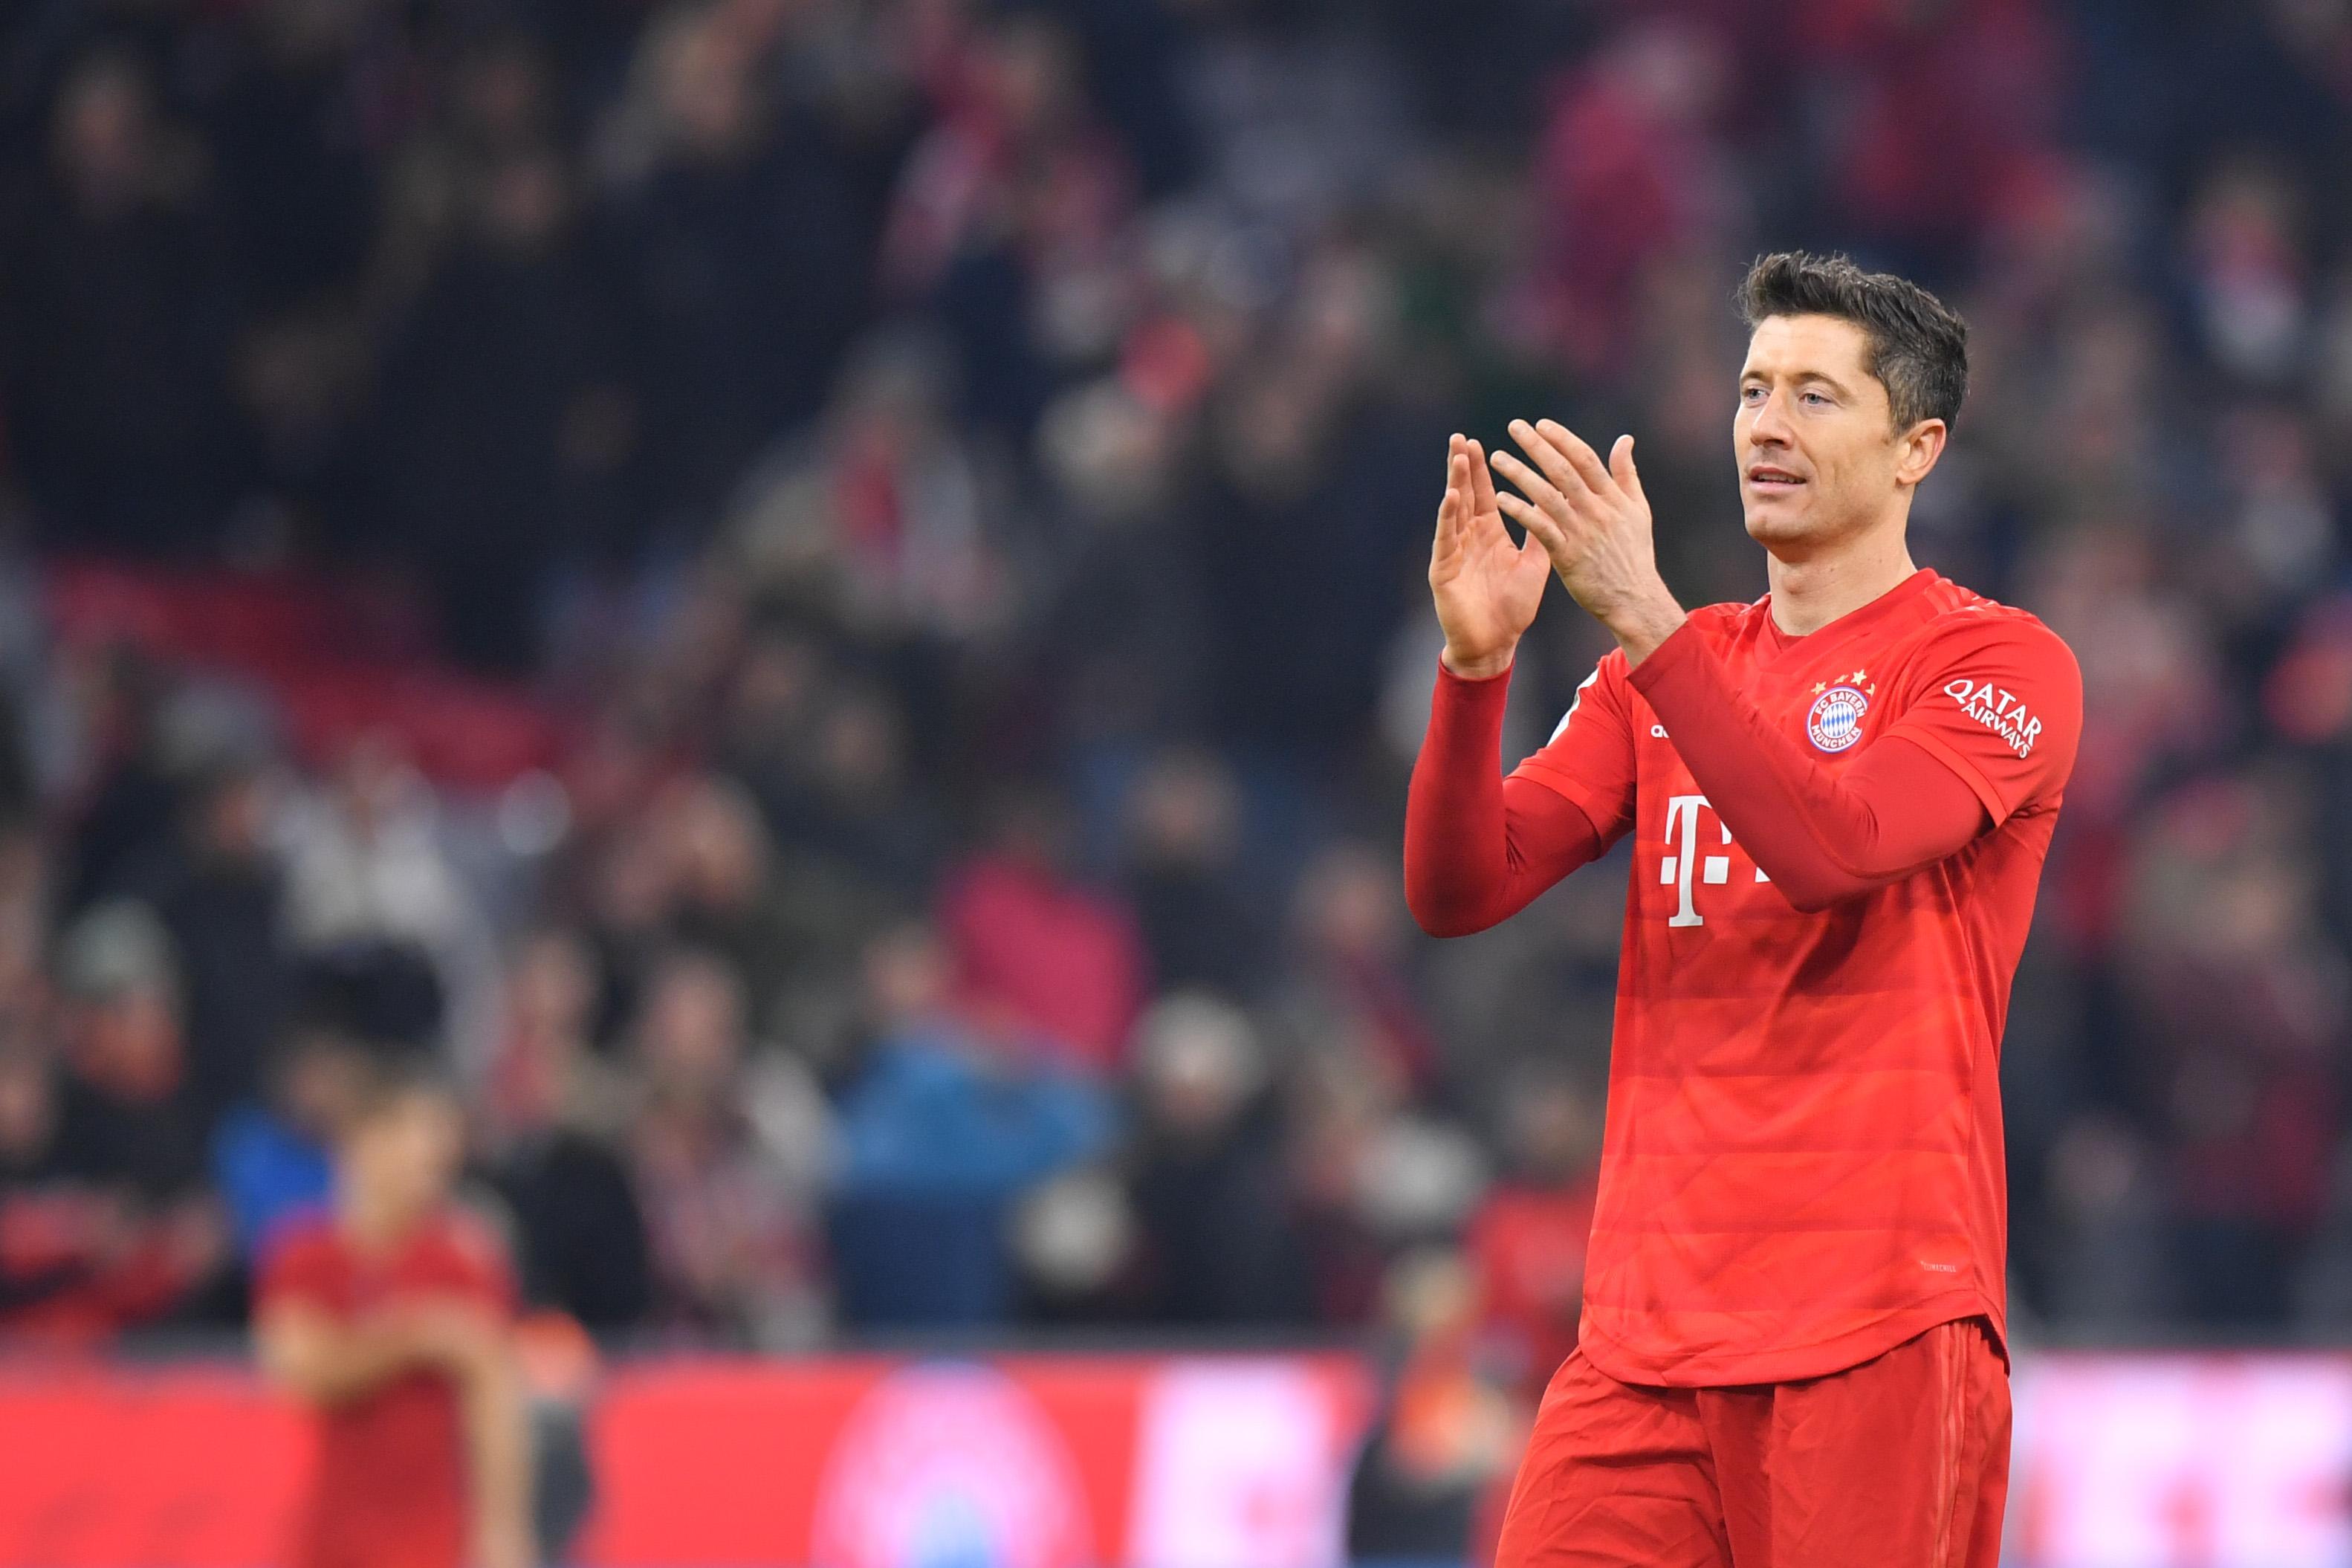 Fortuna Dusseldorf Gegen Bayern Munchen Heute Live Im Tv Und